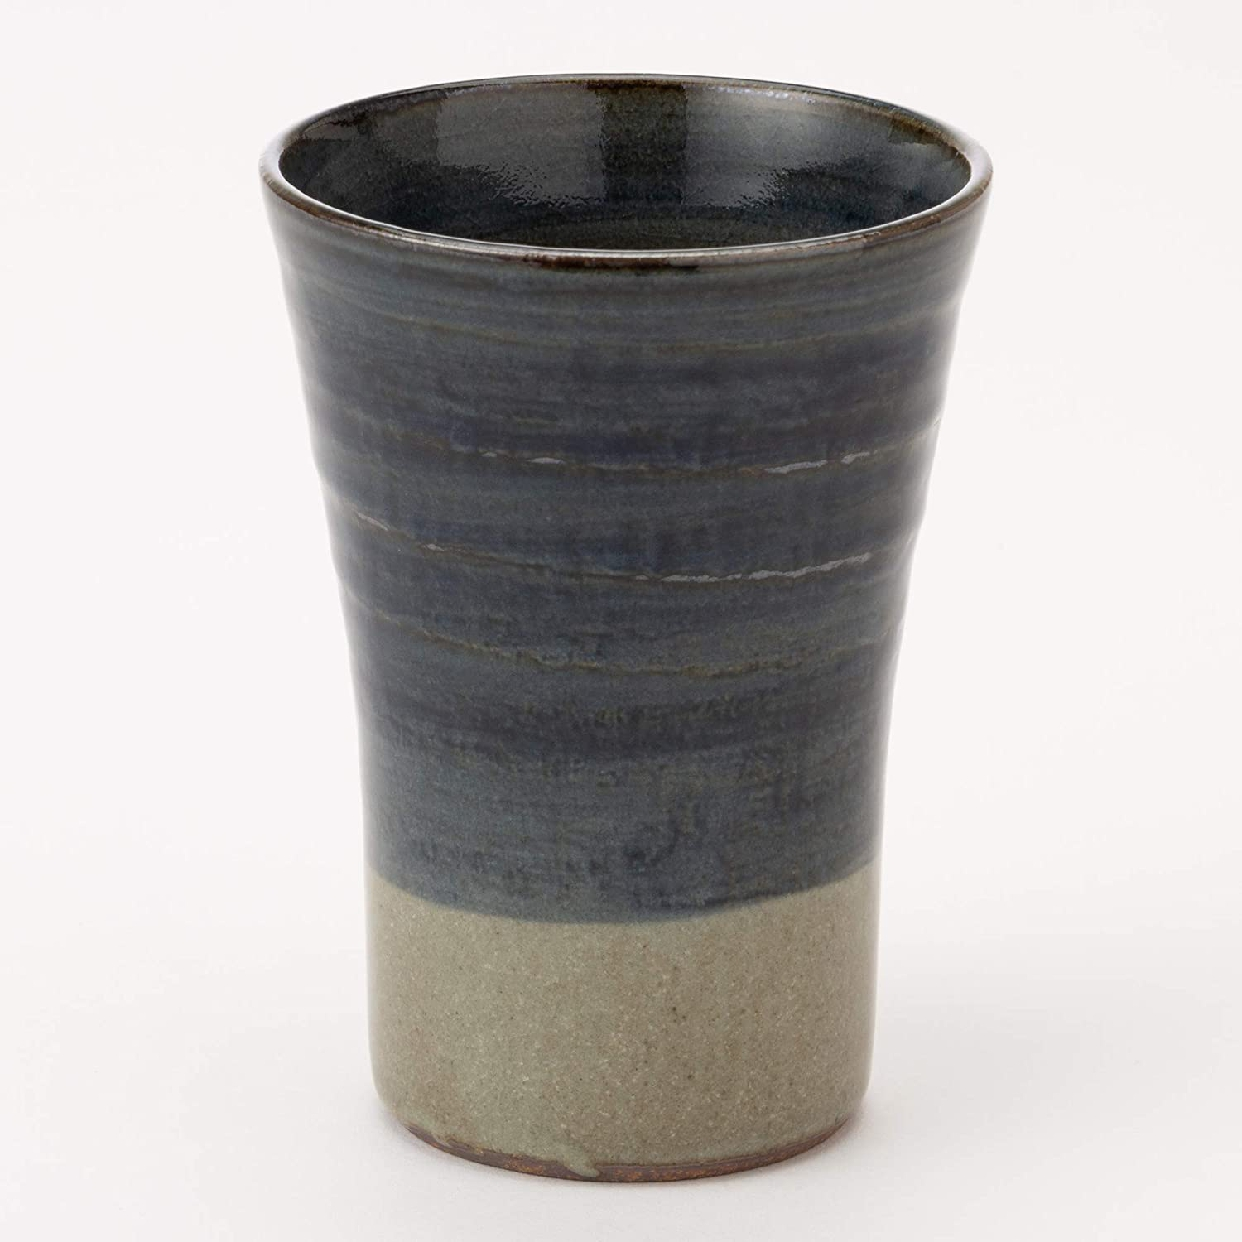 MINO CRAFT.(みのうくらふと)焼酎カップ K60325 OFUKEの商品画像4